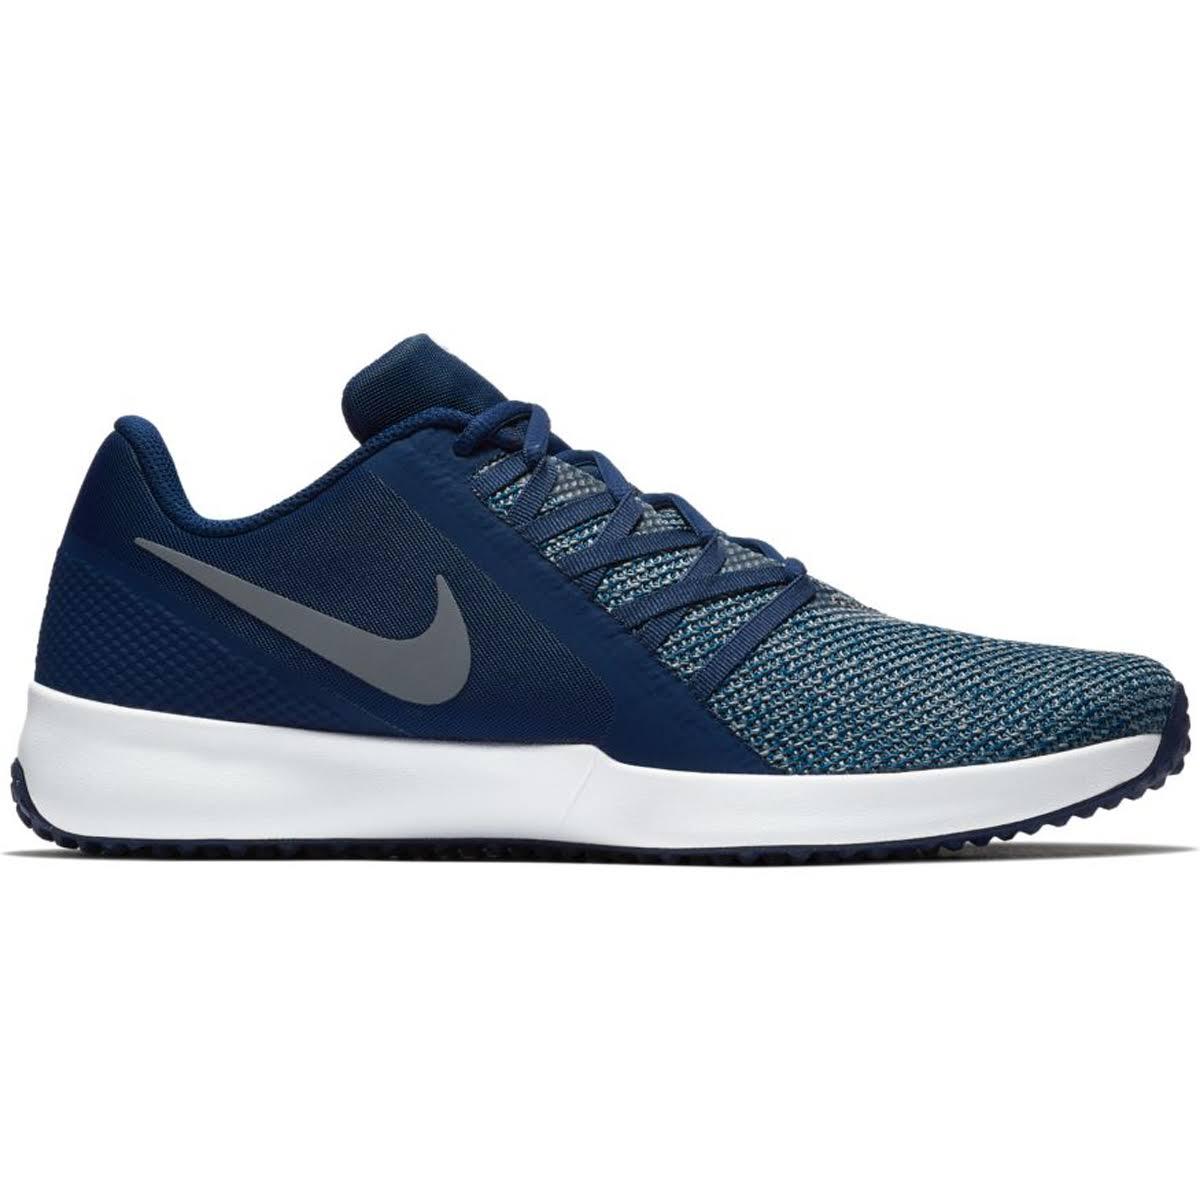 De Azul Tr Void Cl Mediano Calzado Compete Entrenamiento Nike Gris 8 Para Hombre Varsity dwfzx0fq